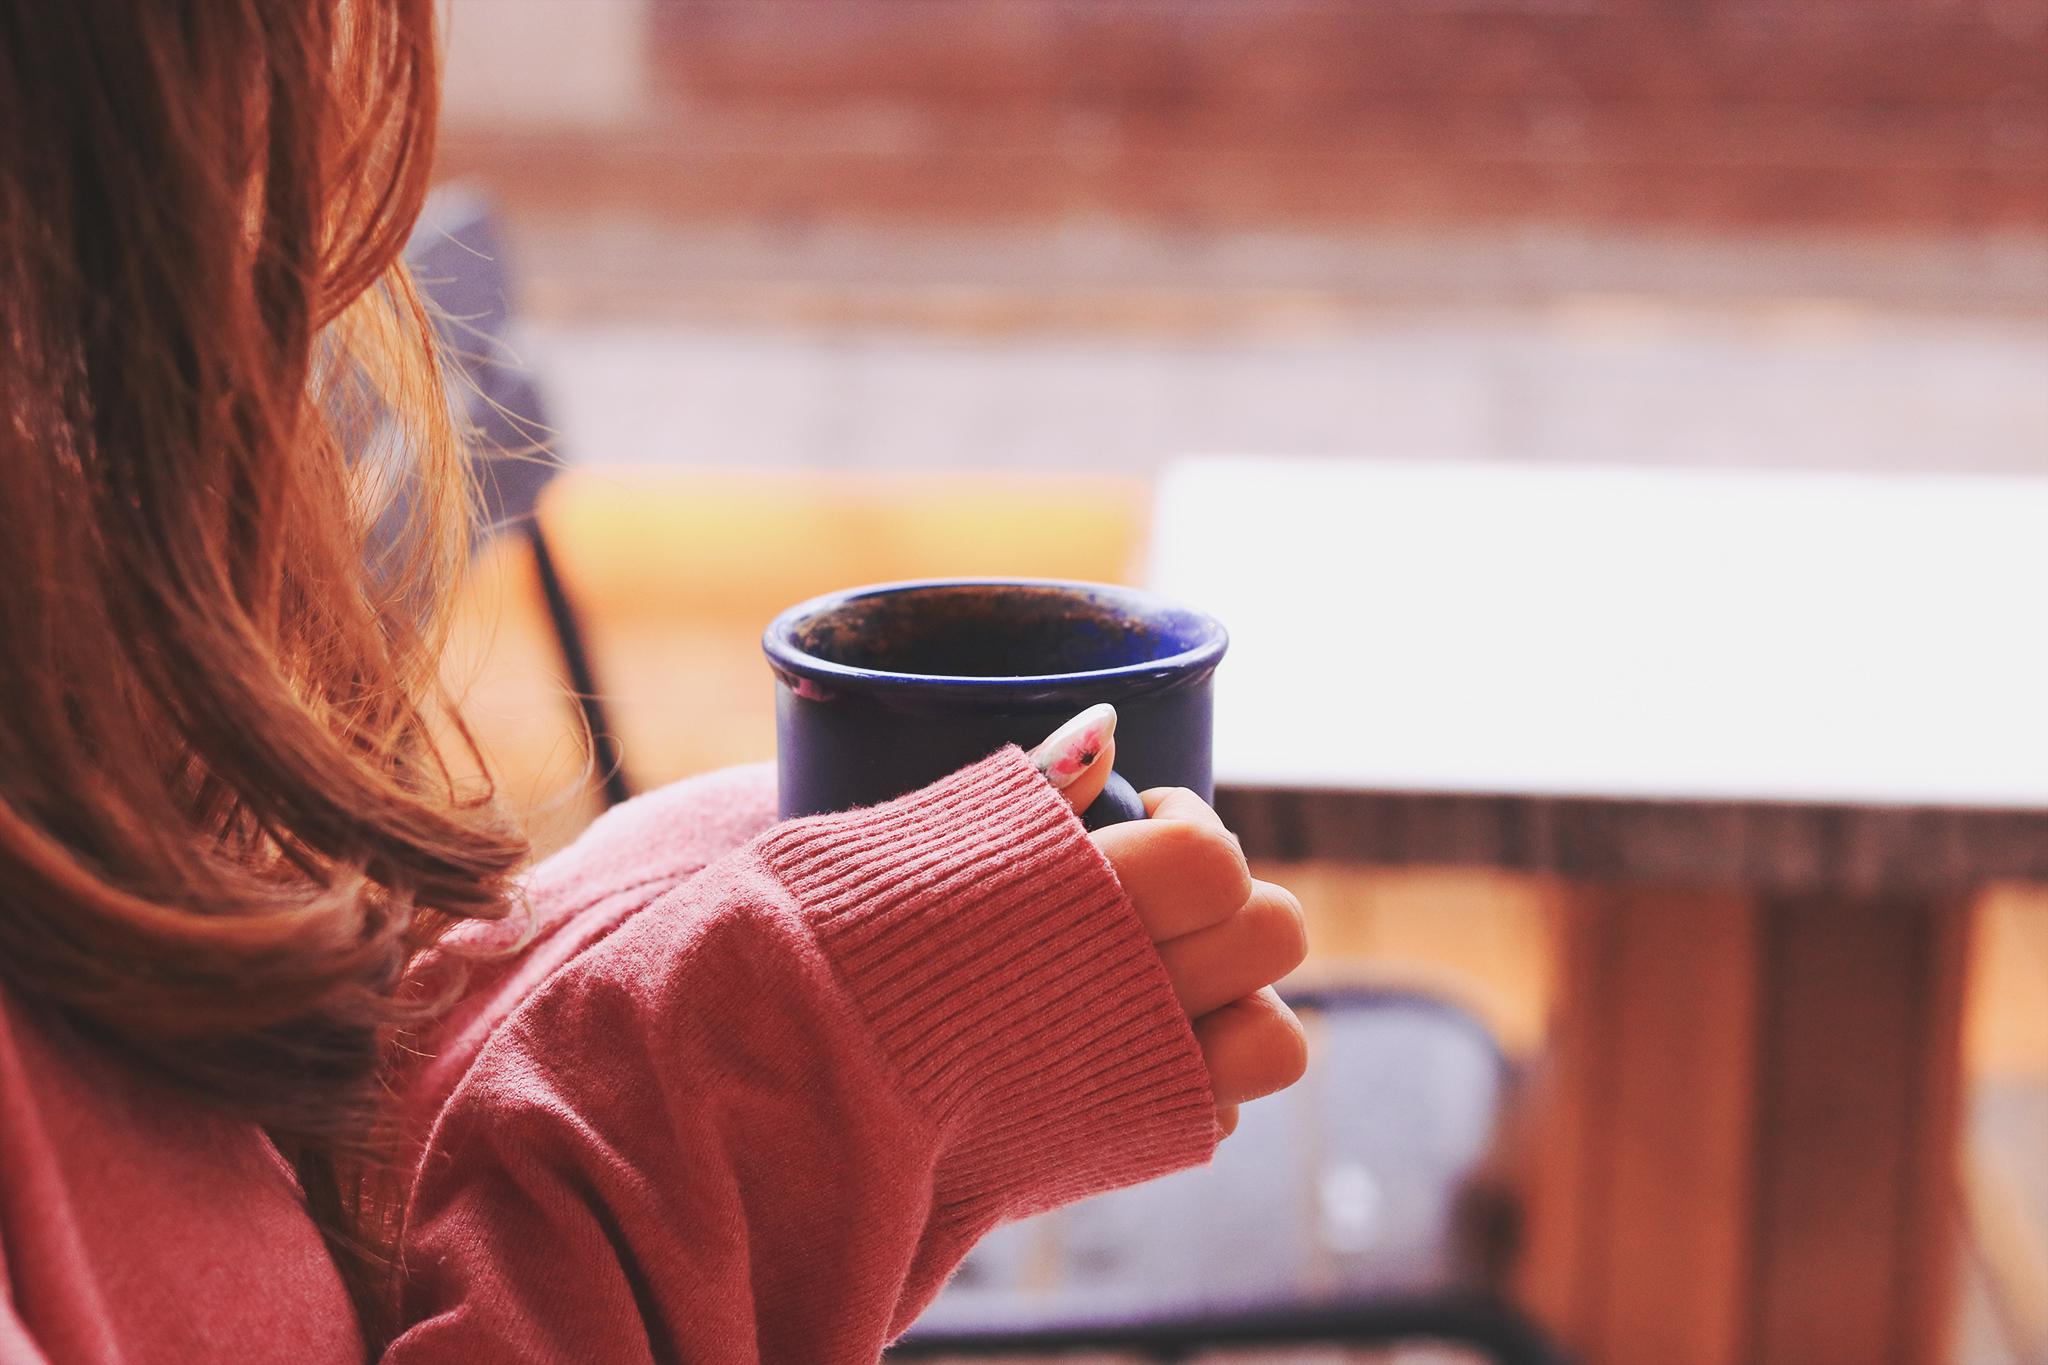 冷え性を改善したい!冷え性の原因や冷え性を楽にする飲み物や食べ物・運動や入浴法もご紹介